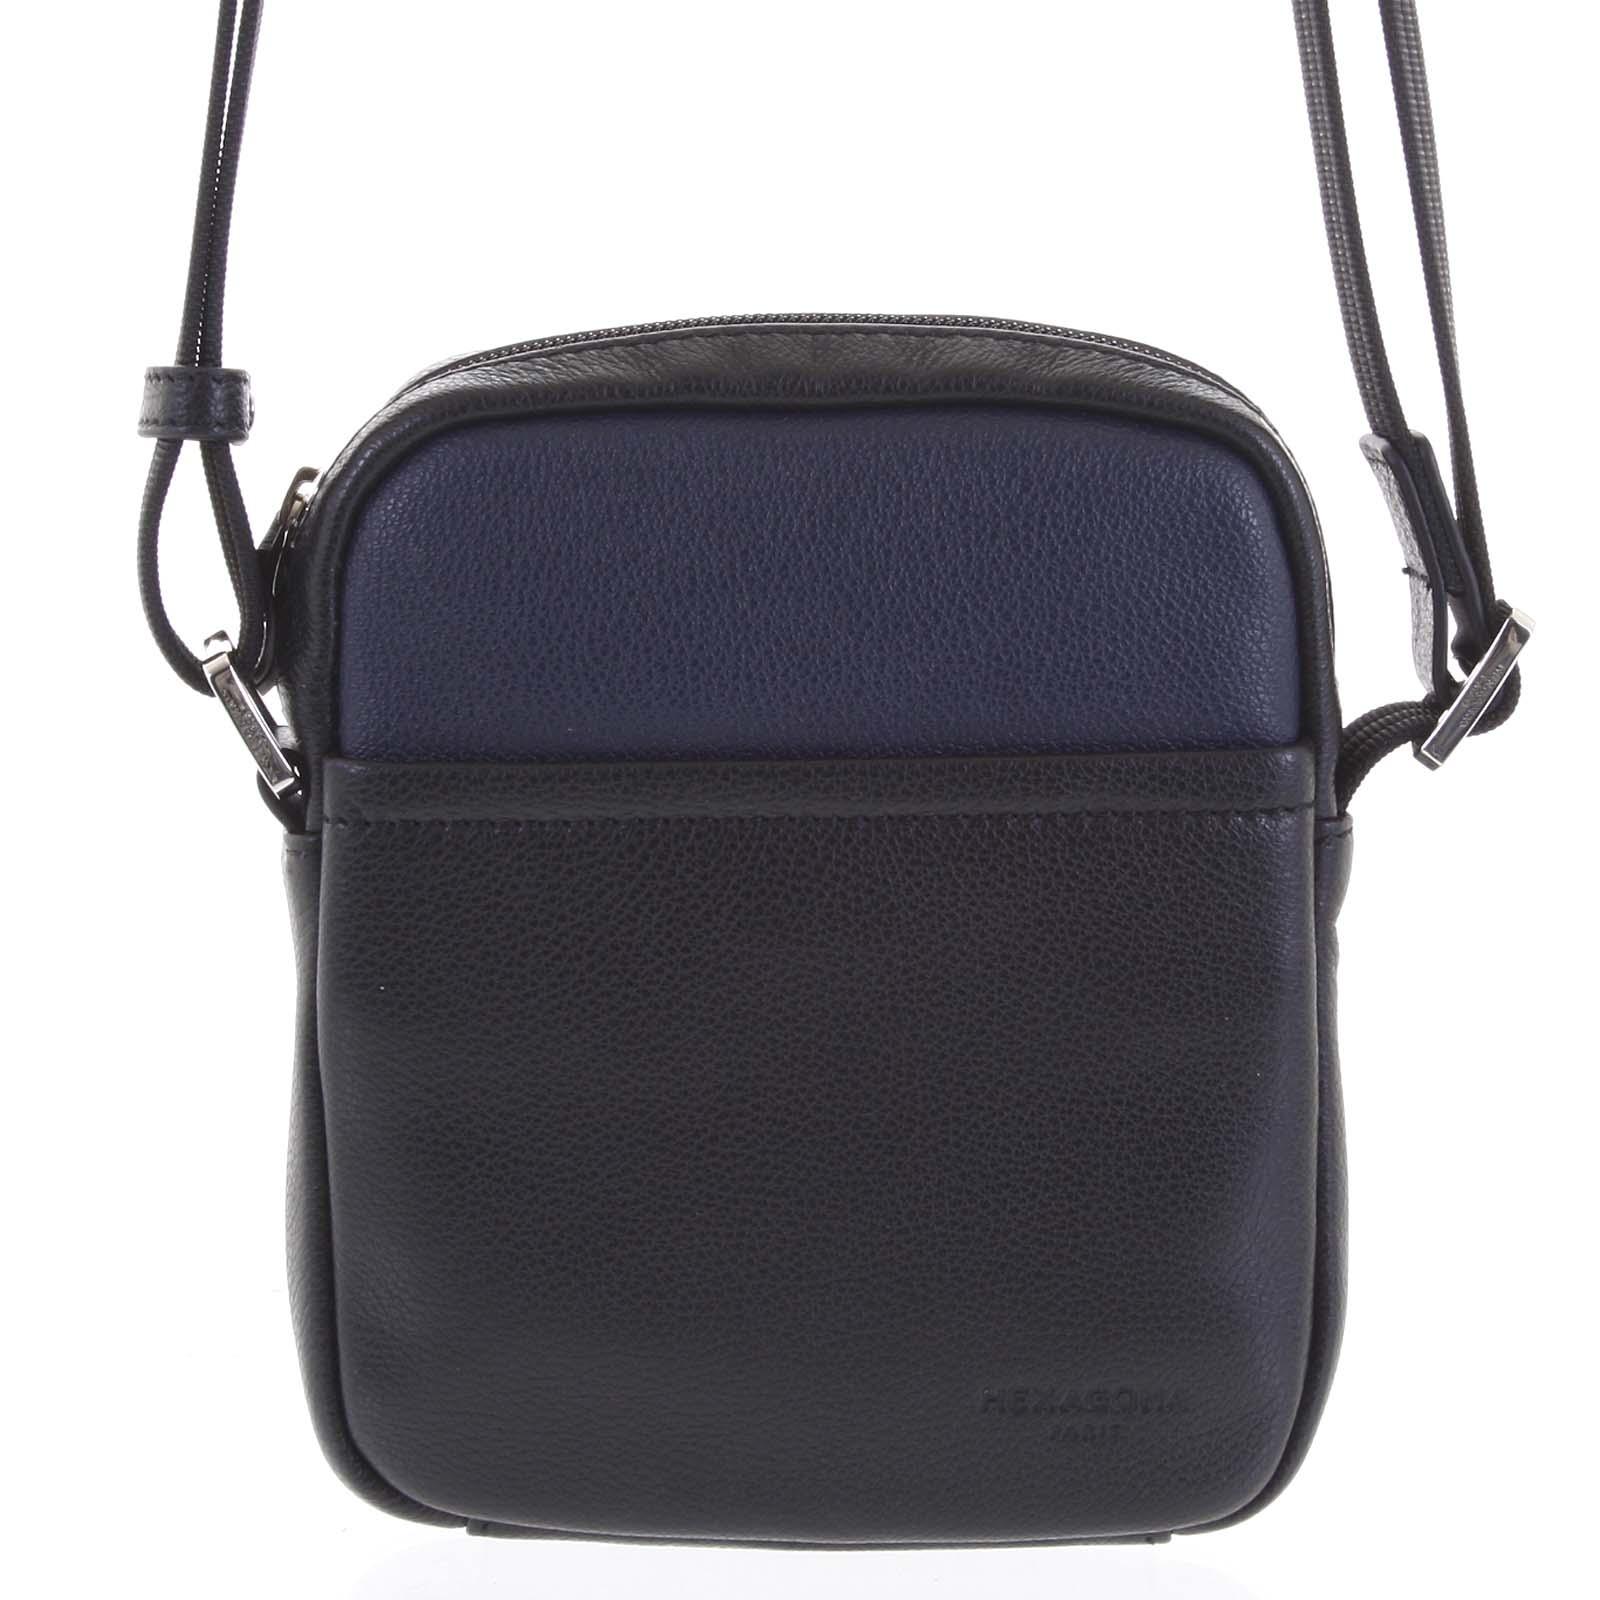 Pánská kožená taška na doklady černo modrá - Hexagona Wednesday